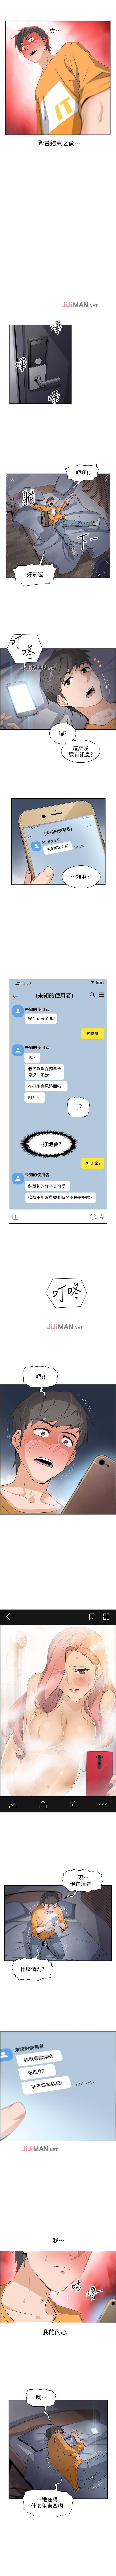 【周四连载】前女友变女佣(作者:PAPER&頸枕) 第1~33话 9